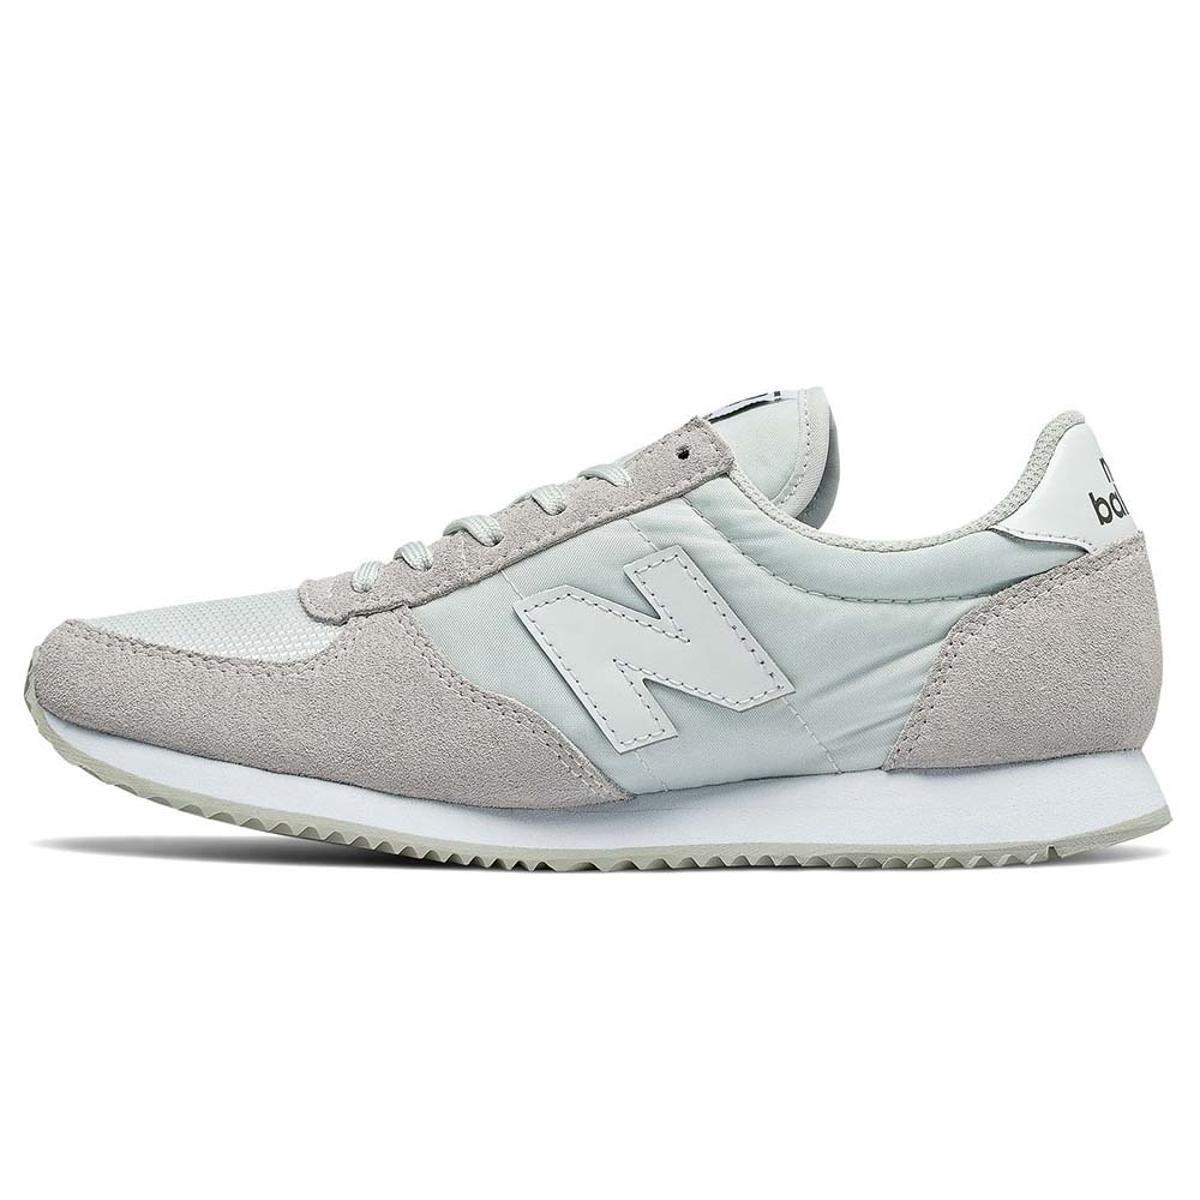 Tênis New Balance 220 Feminino - Branco e Cinza - Compre Agora ... f5d30c695a6f9